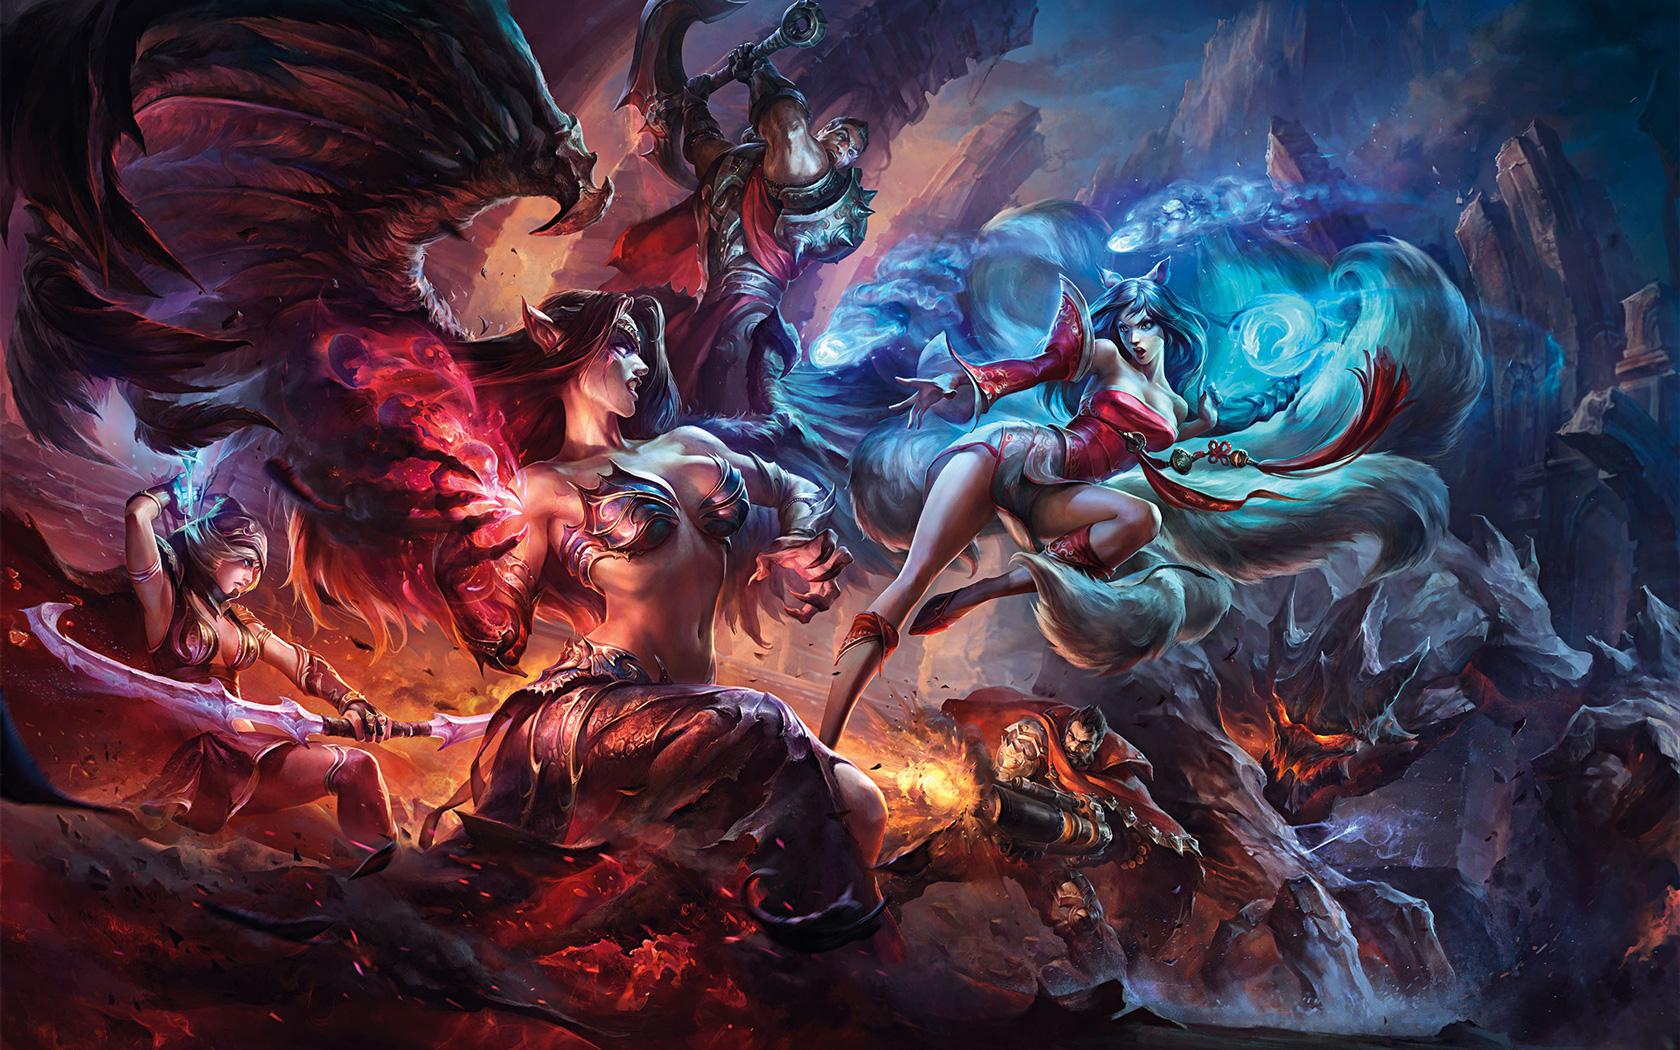 Free League of Legends Wallpaper in 1680x1050